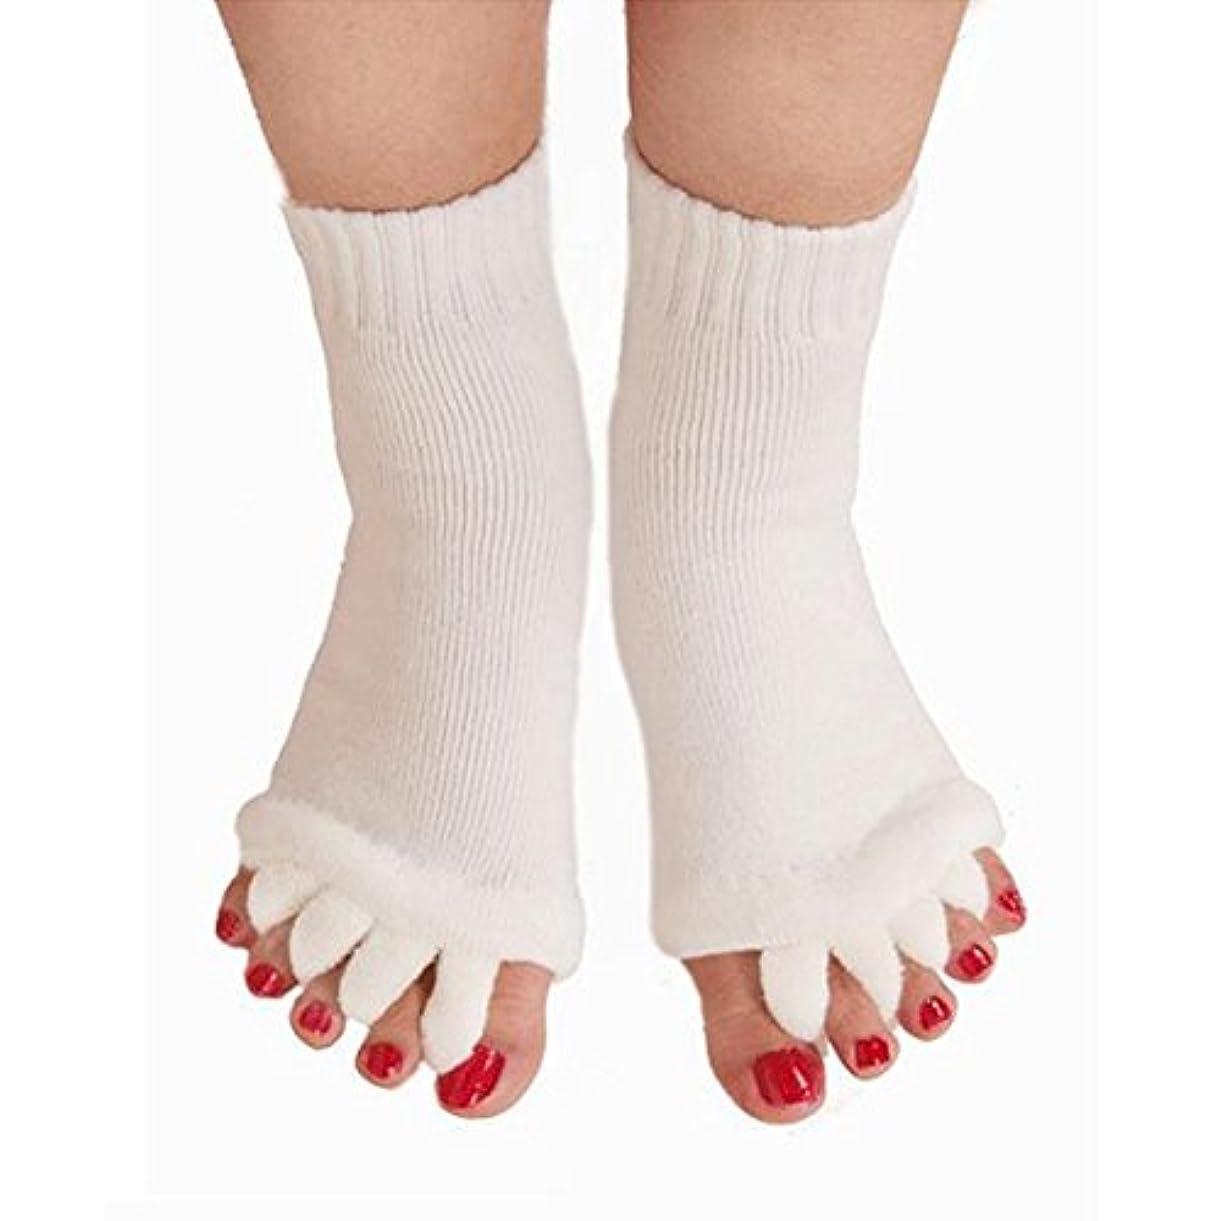 コーナー演じる歯5本指 ソックス 靴下 足指全開 スリーピングソックス 足指ケア 痛みを軽減する 外反母趾 偏平足対策 ヨガウェア 美脚 就寝時用 快眠 むくみ解消 ホワイト 1ペア